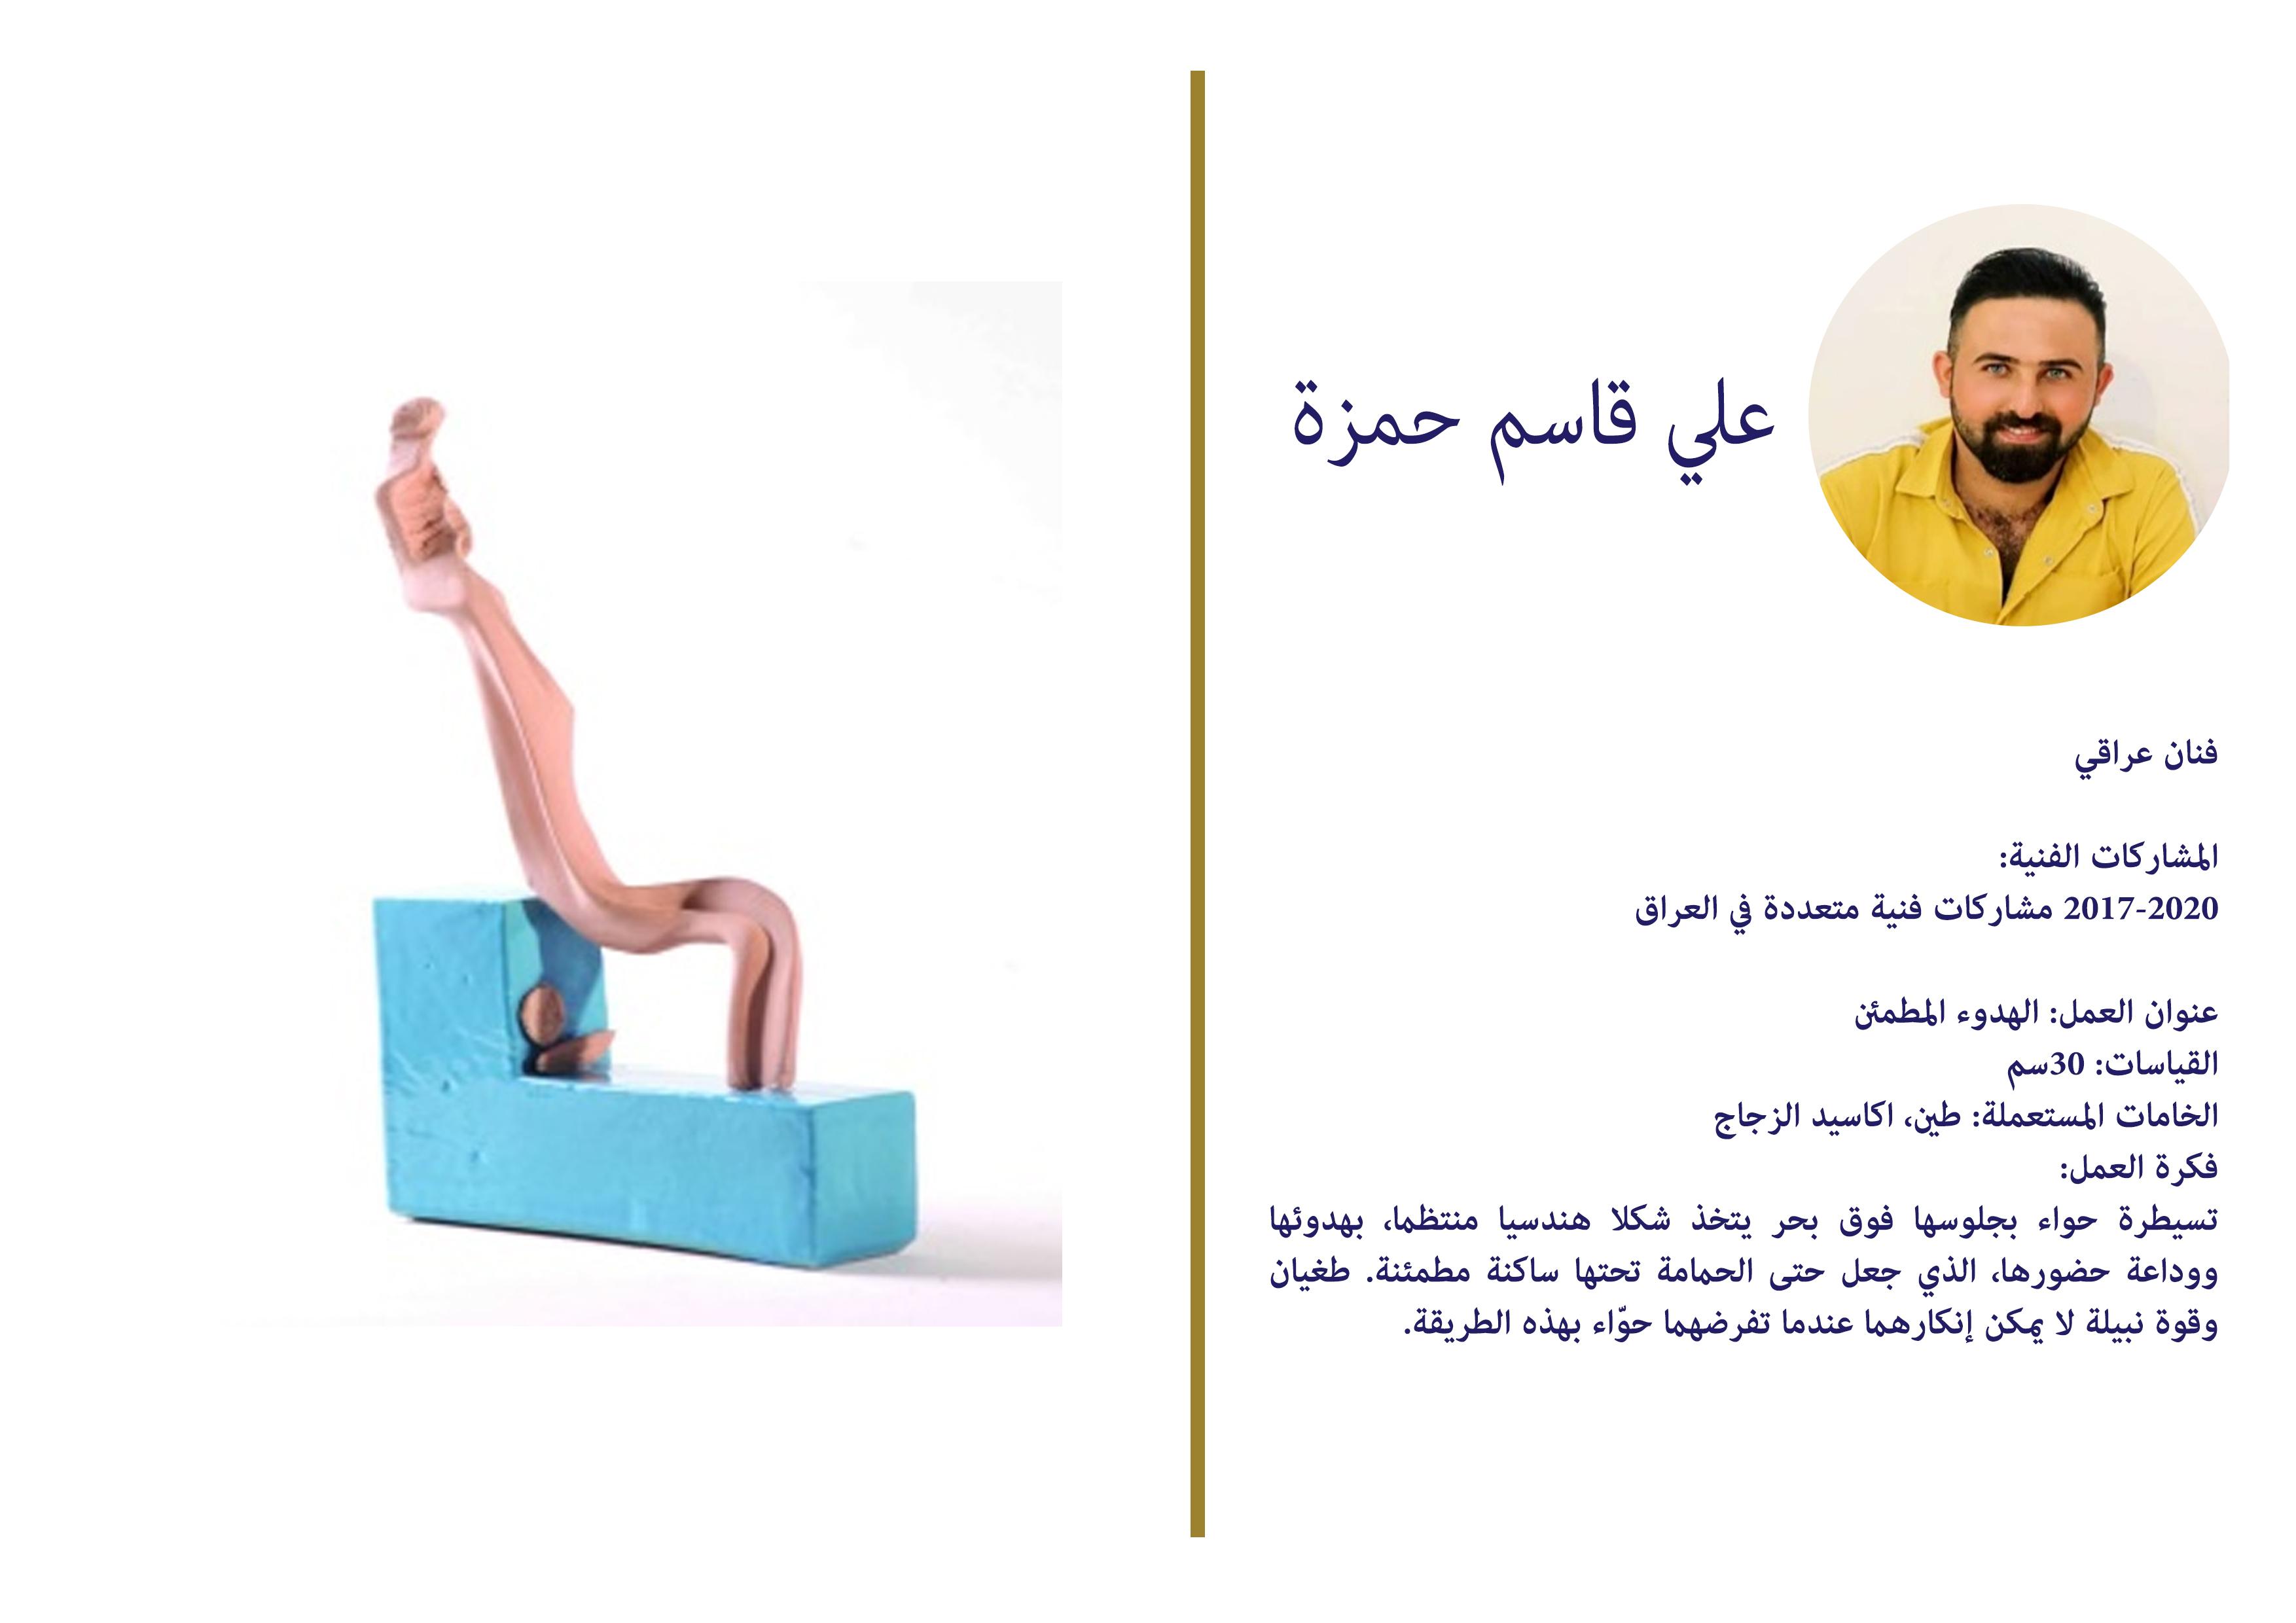 علي قاسم حمزة